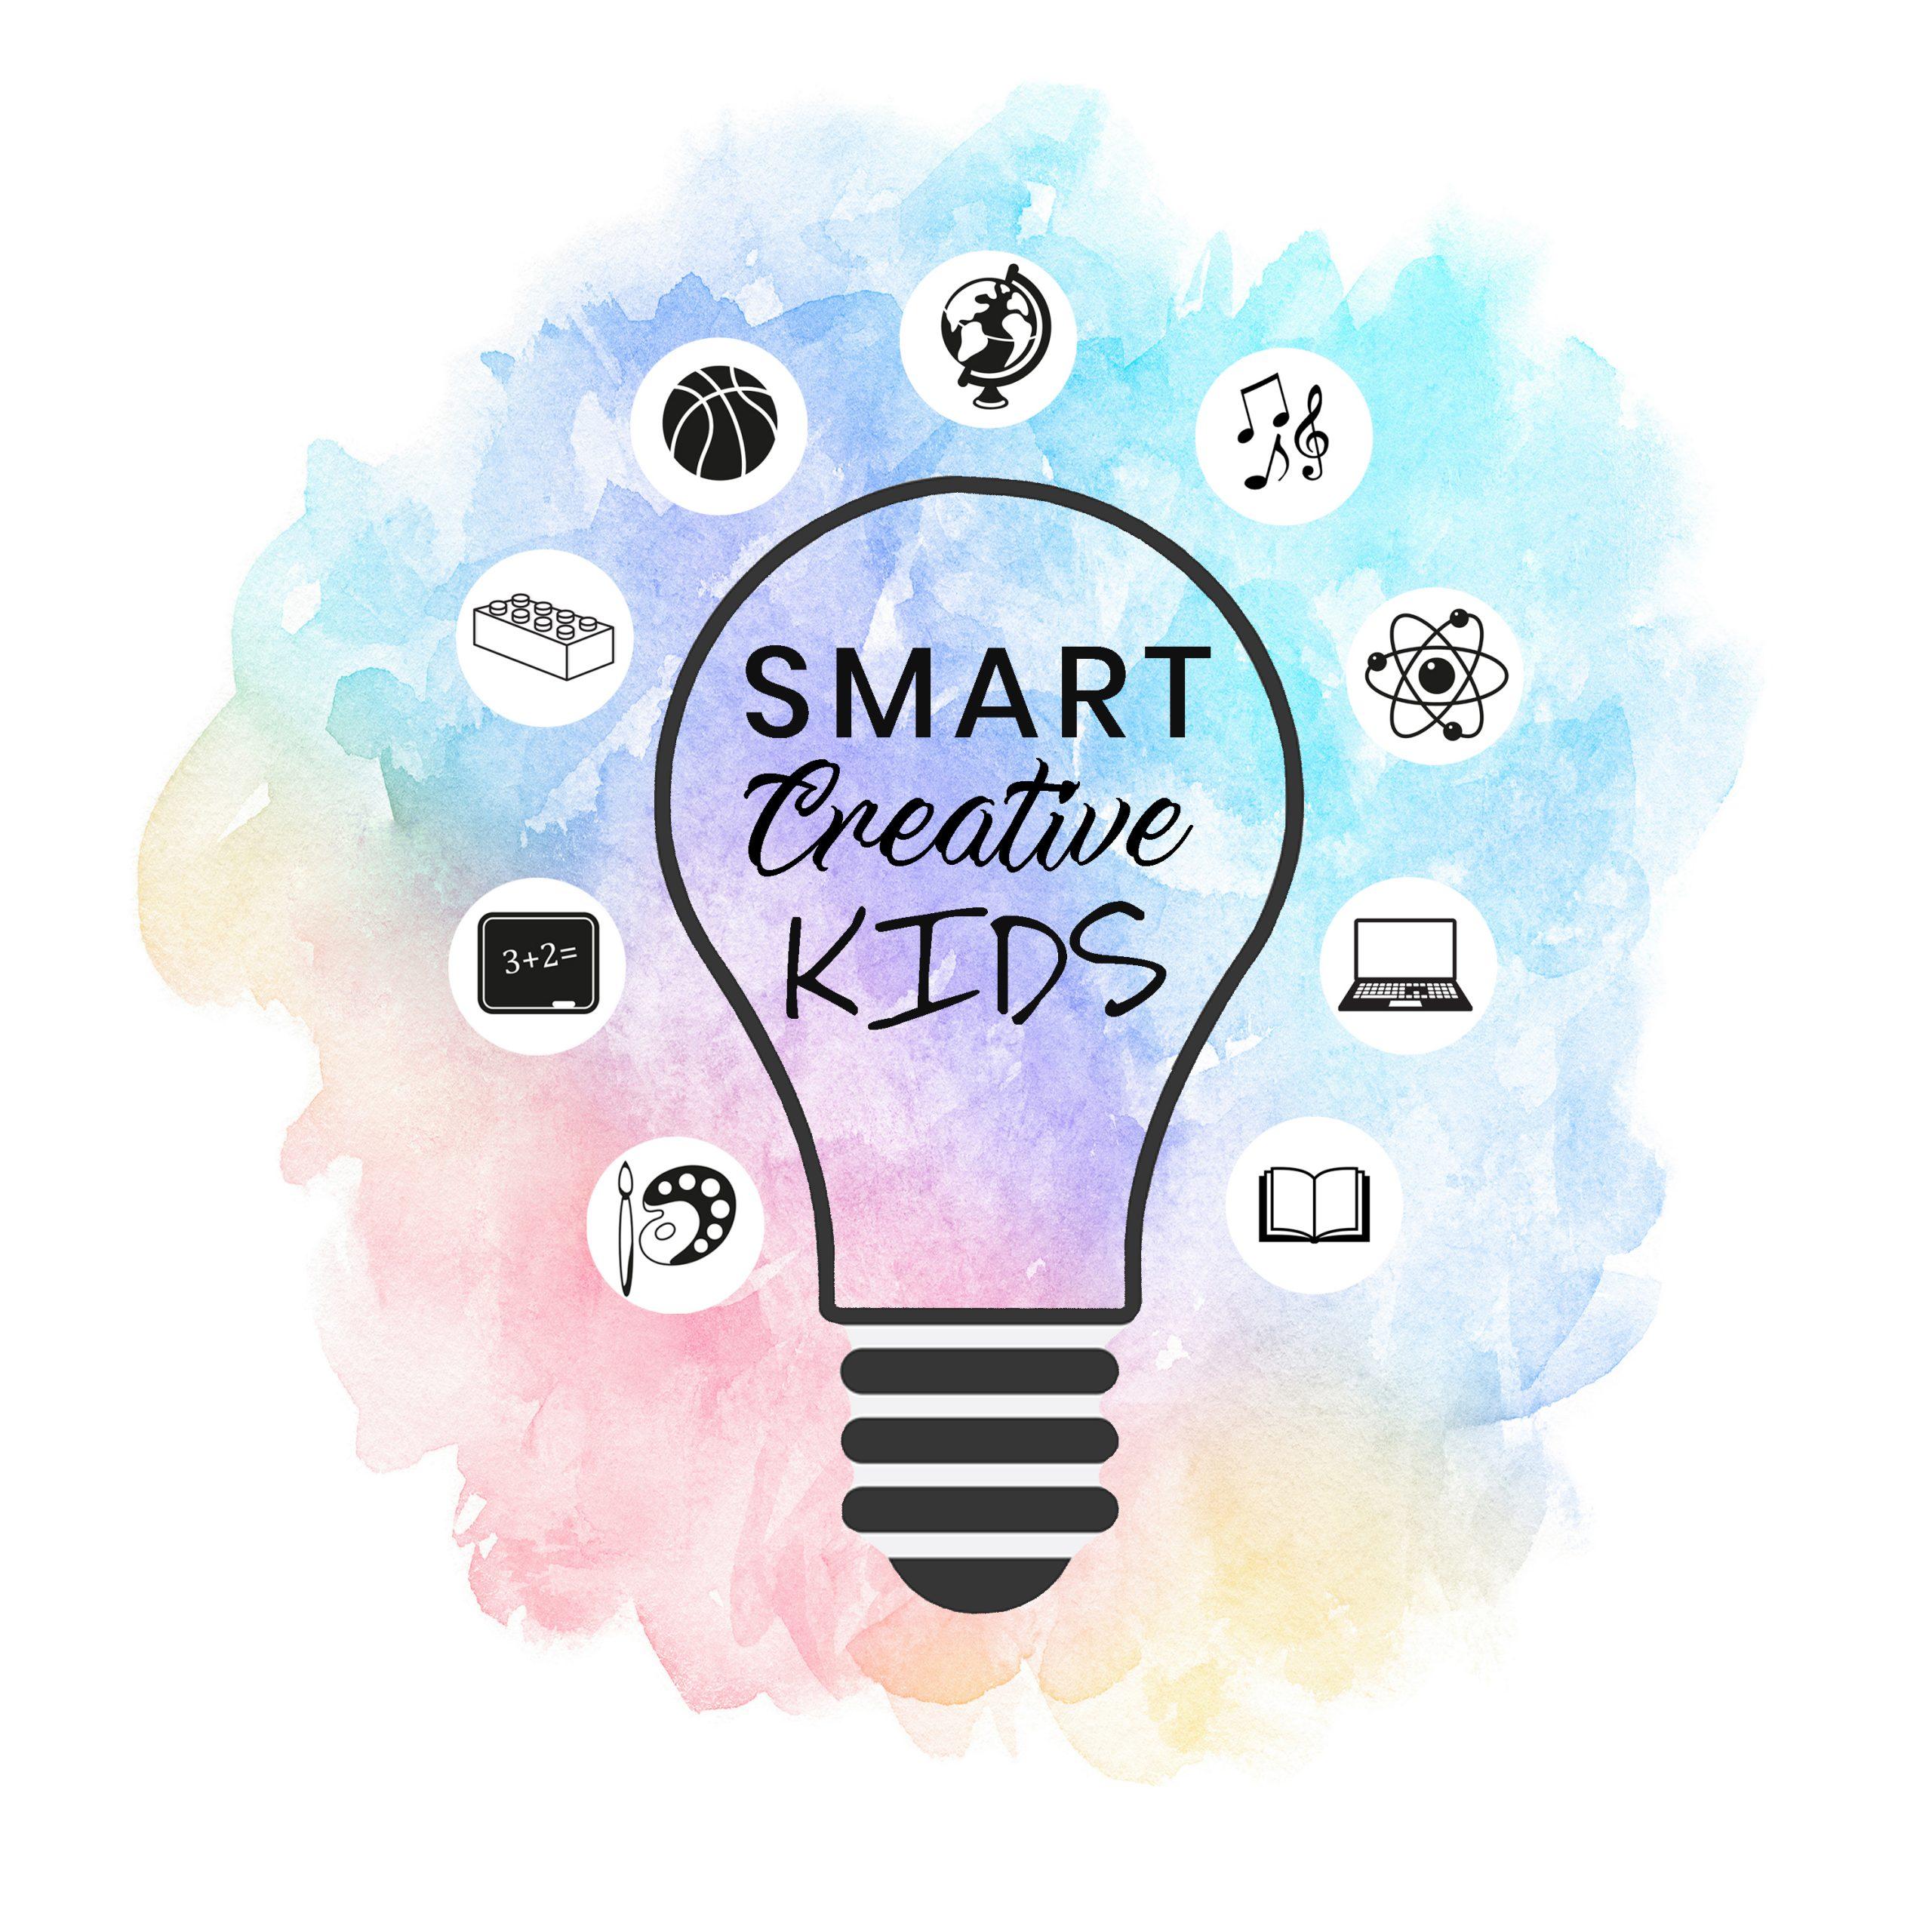 Smart Creative Kids